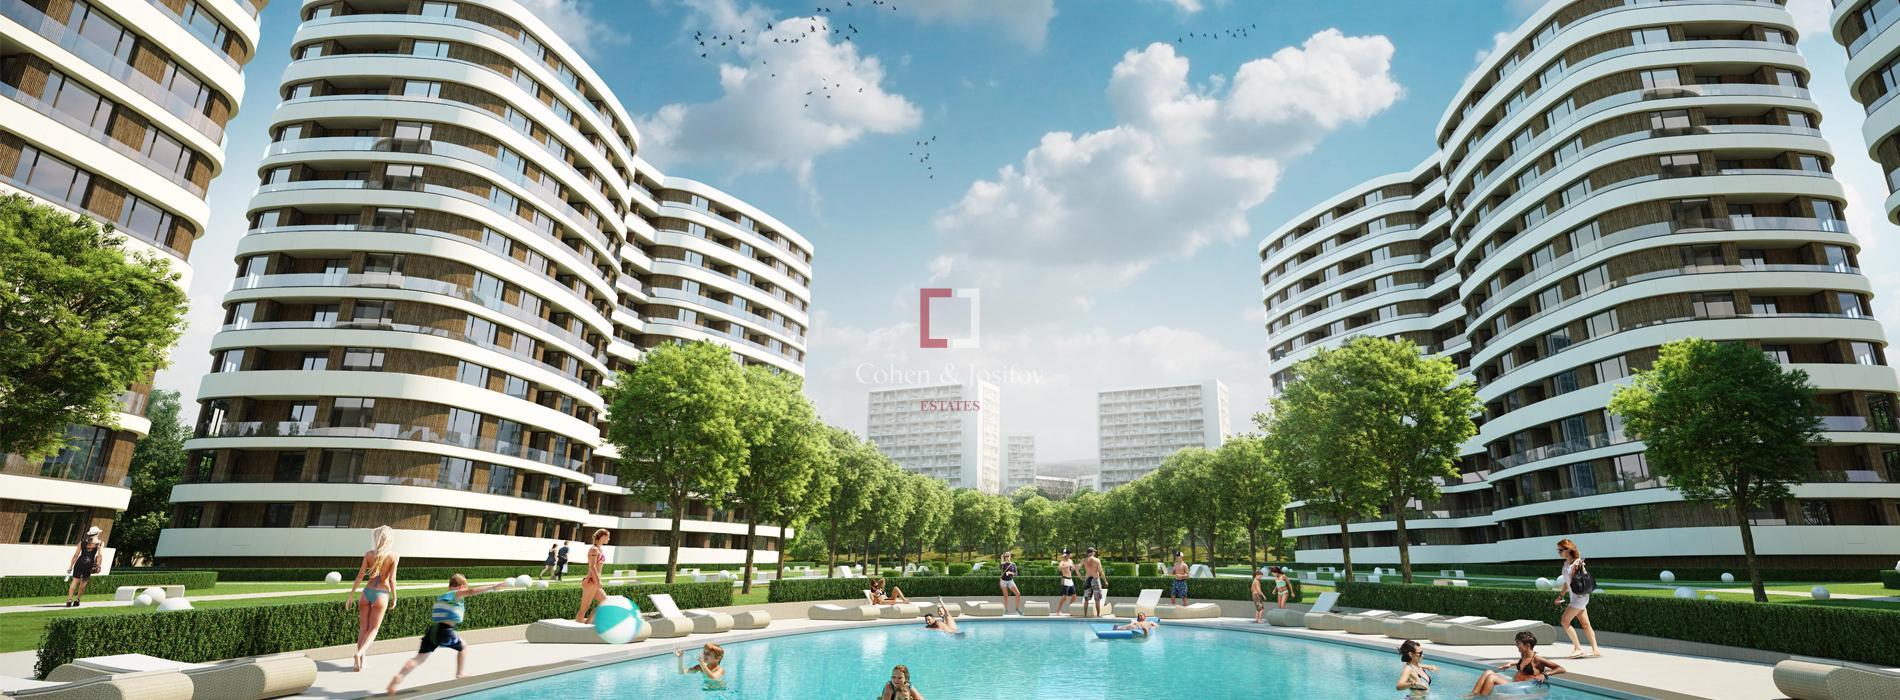 Варна сити парк ЮГ-первый в Болгарии и в Варне жилой комплекс на геотермальной энергии